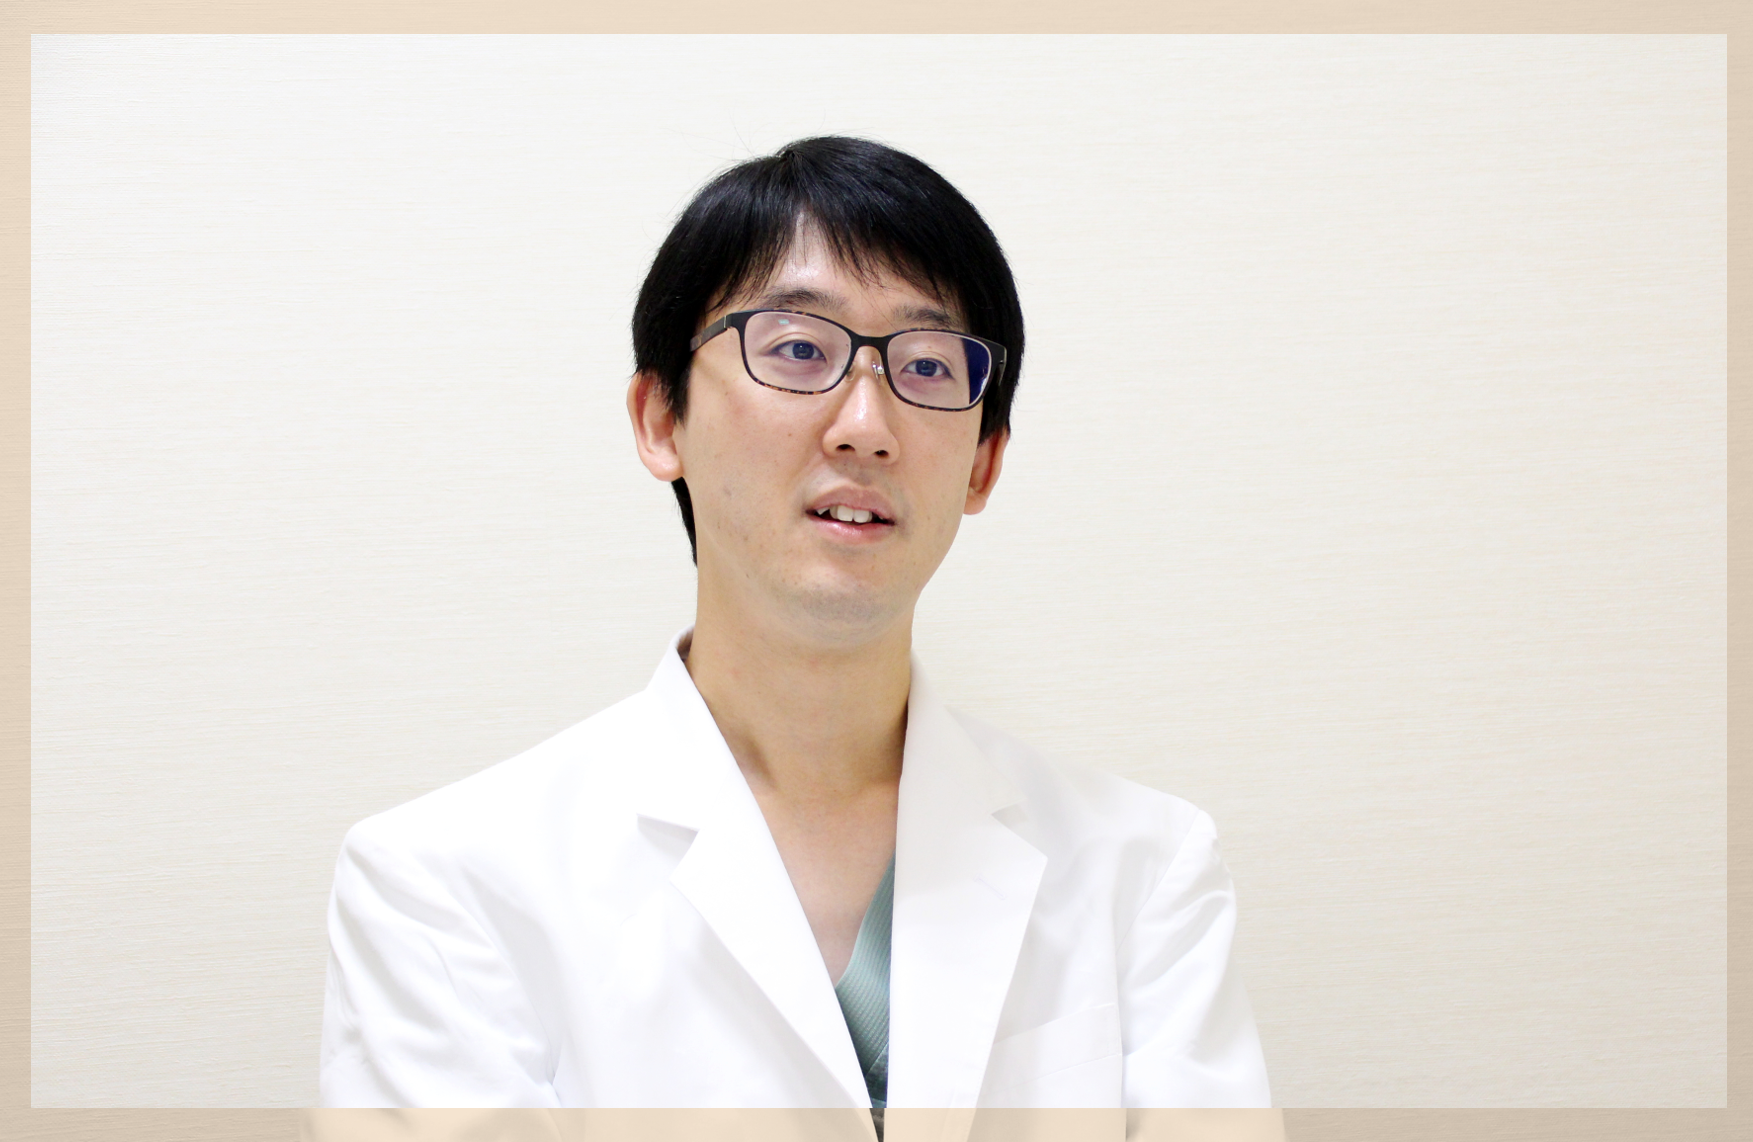 臨床・学術の両面で世界基準を知るドクター 循環器内科医 旦一宏